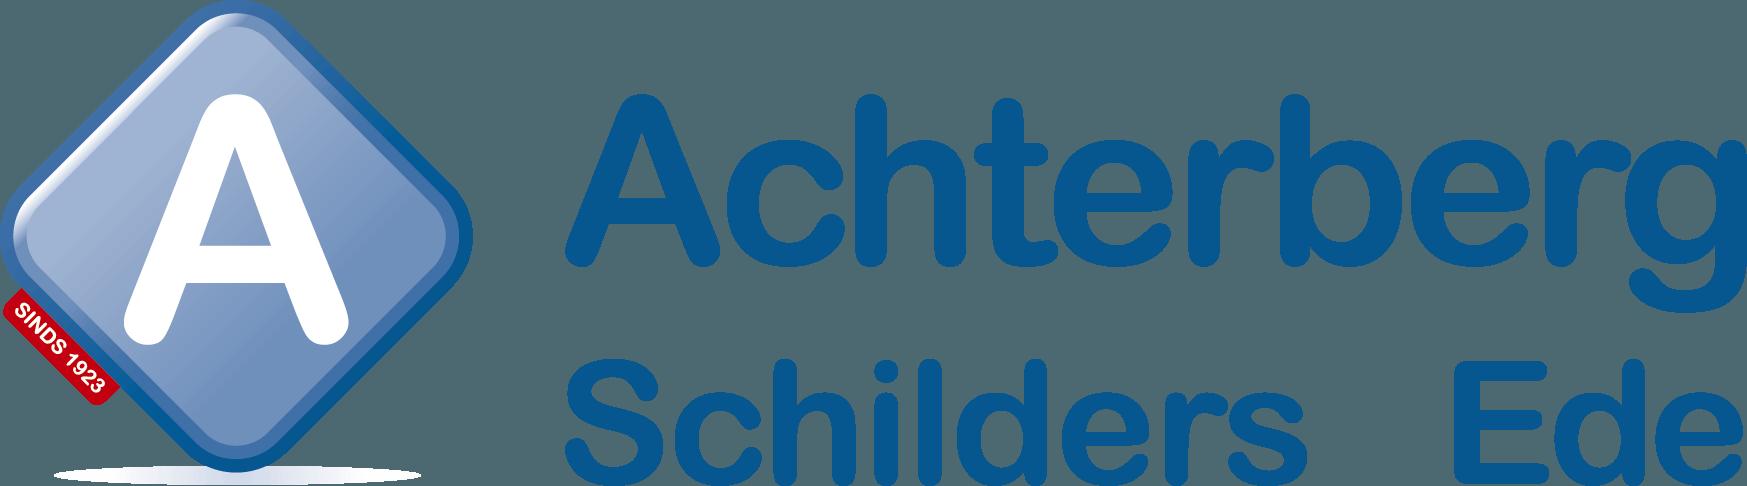 Achterberg schilders logo